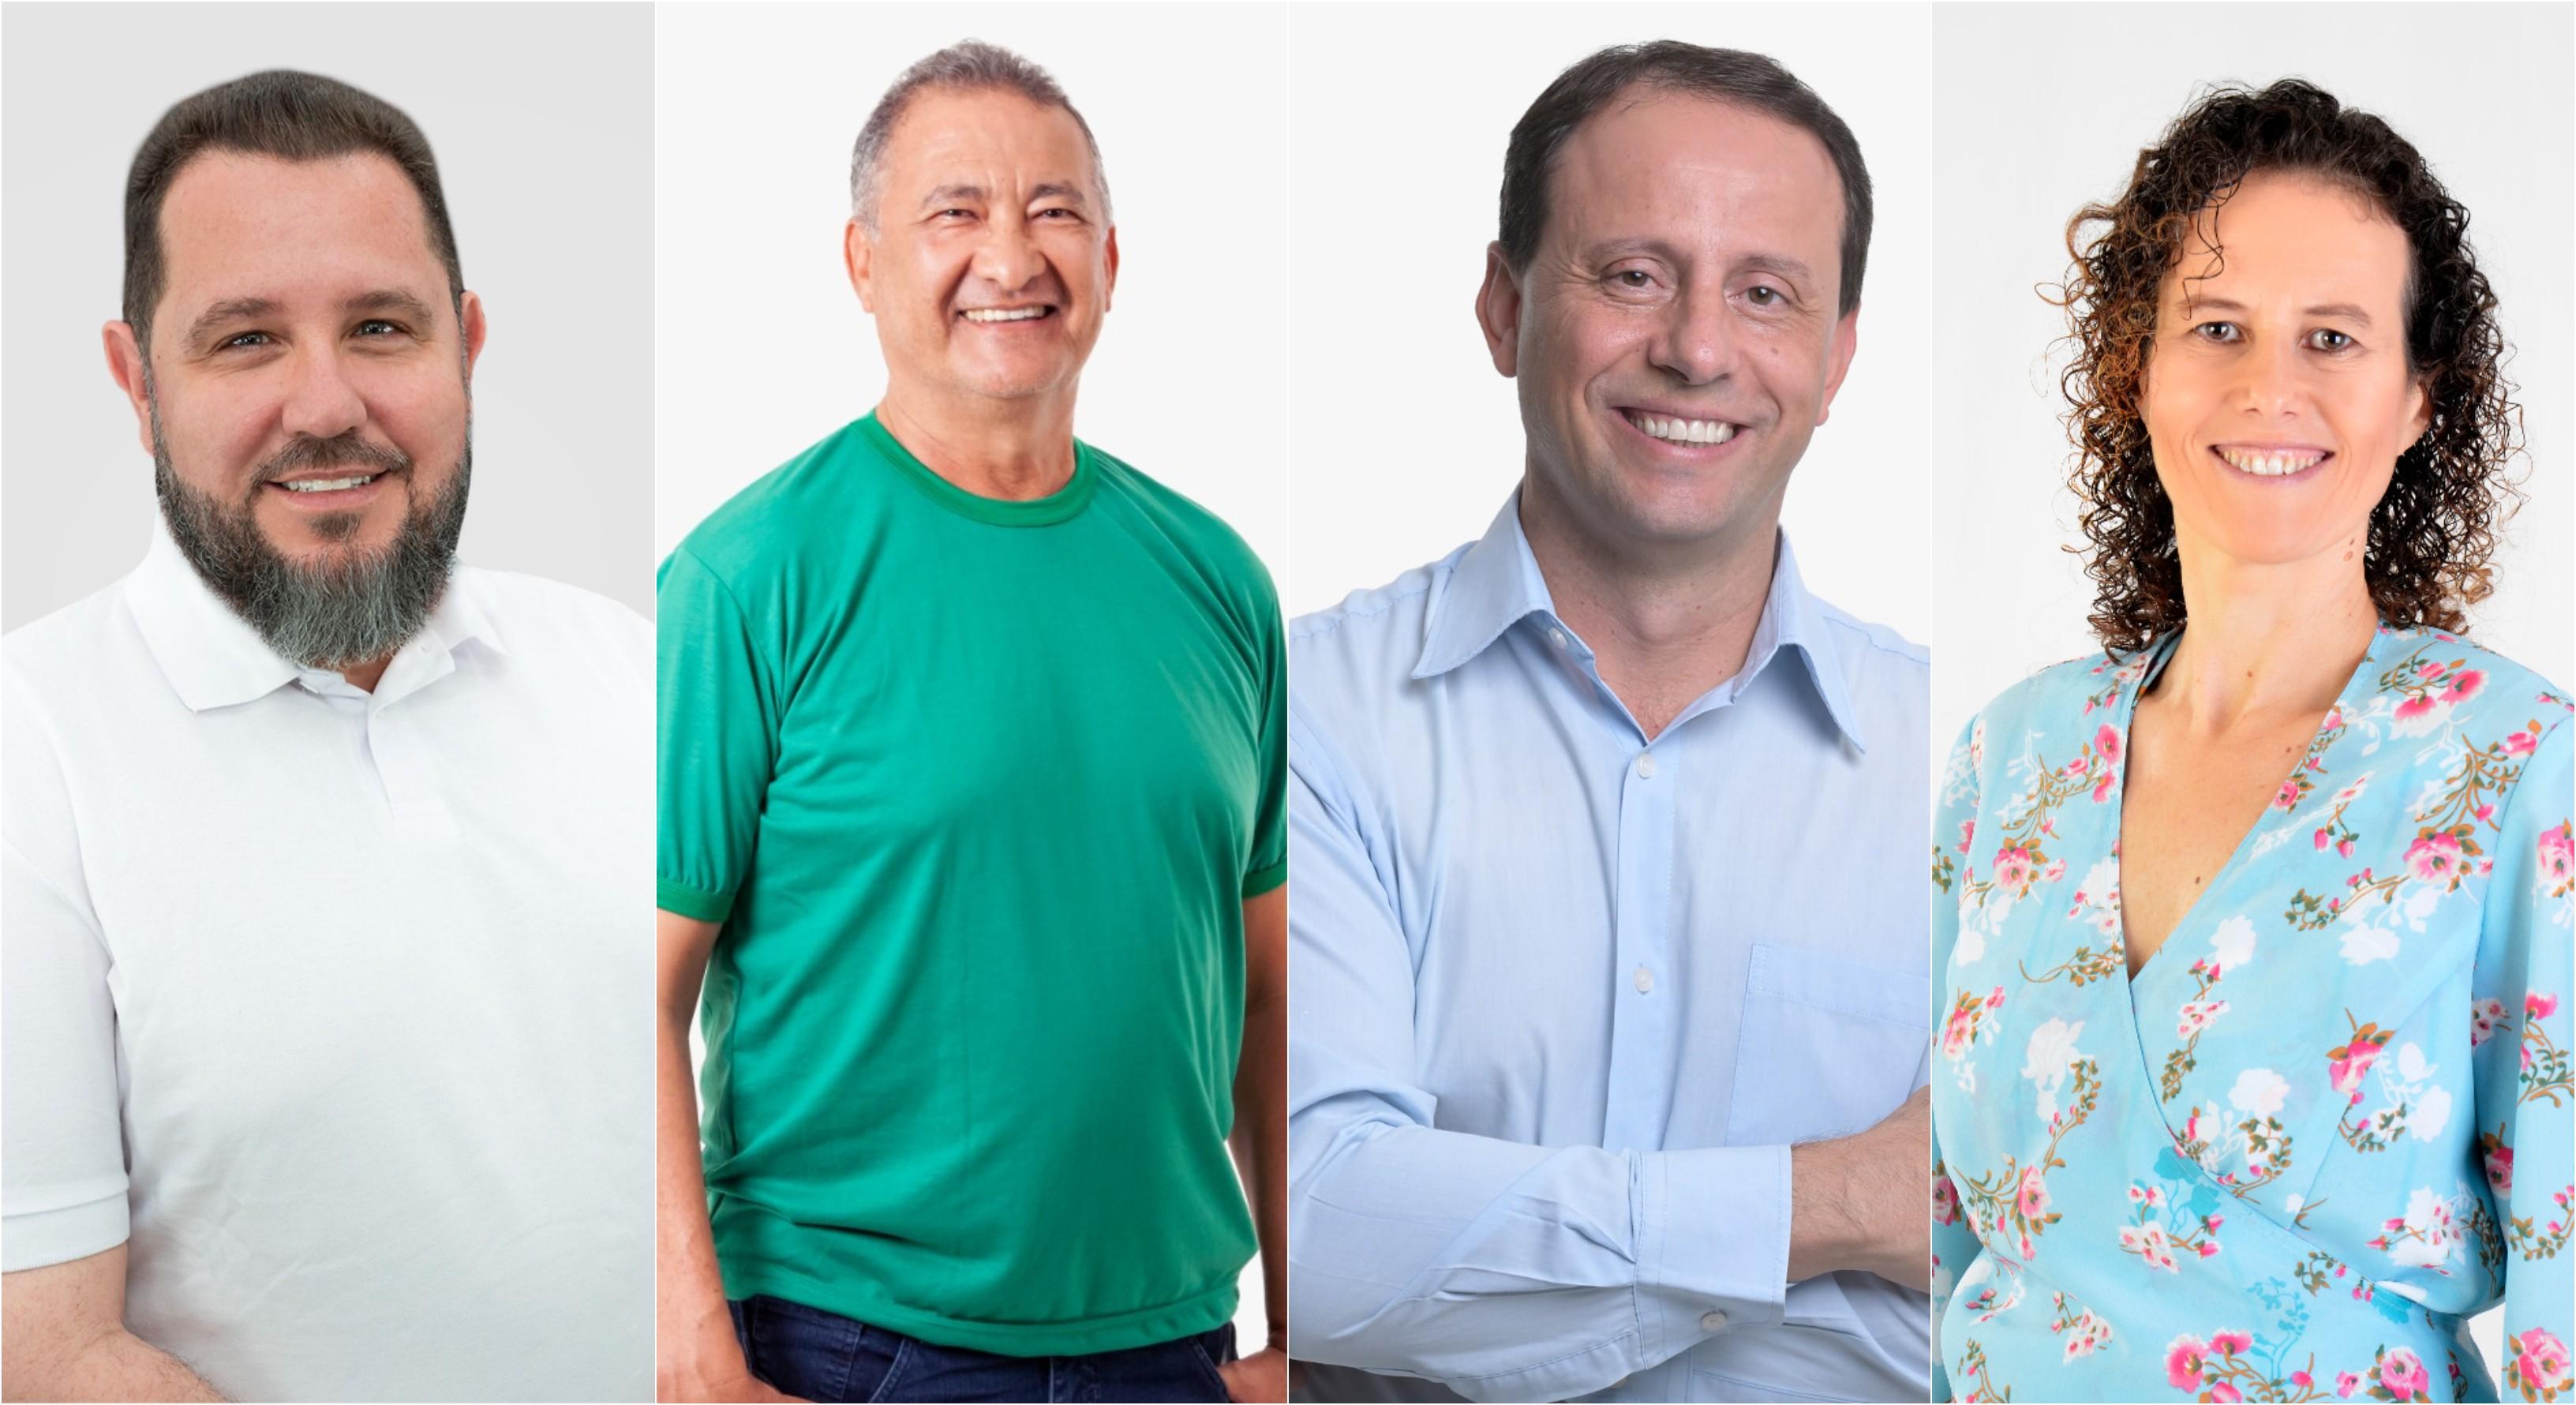 Eleição na UFRR: veja as principais propostas dos candidatos a reitor e vice - Notícias - Plantão Diário